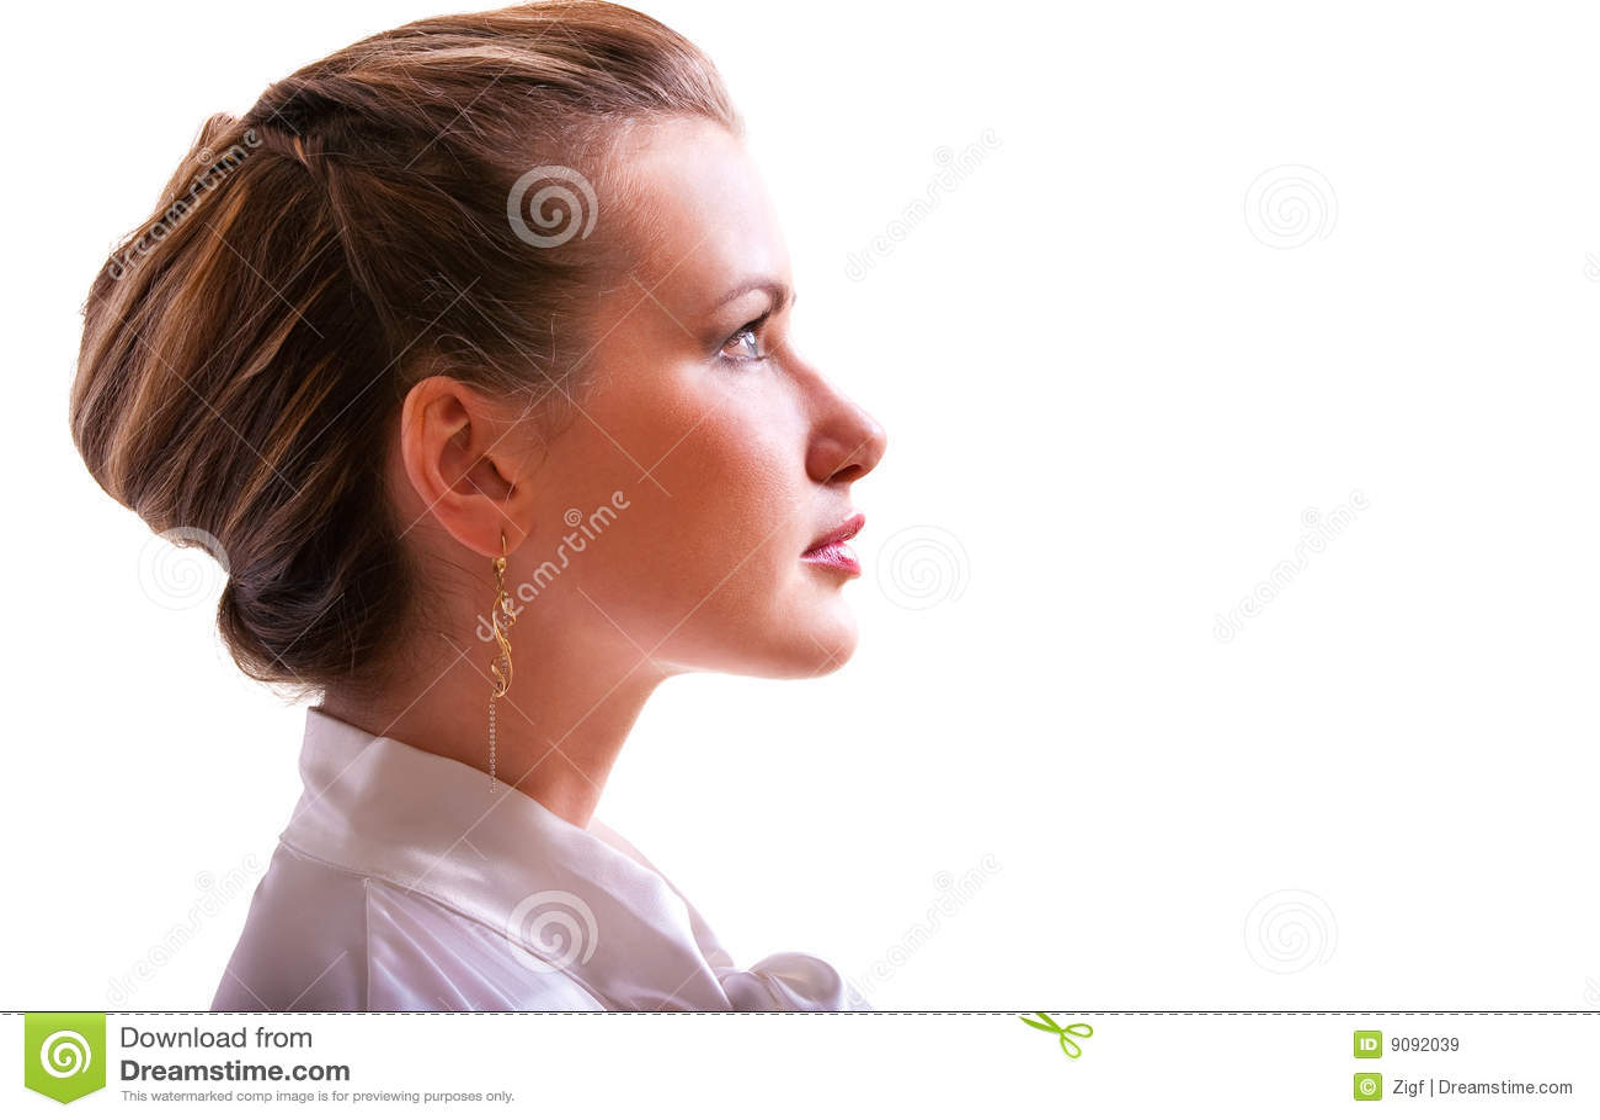 Portrait des Mädchens im Profil